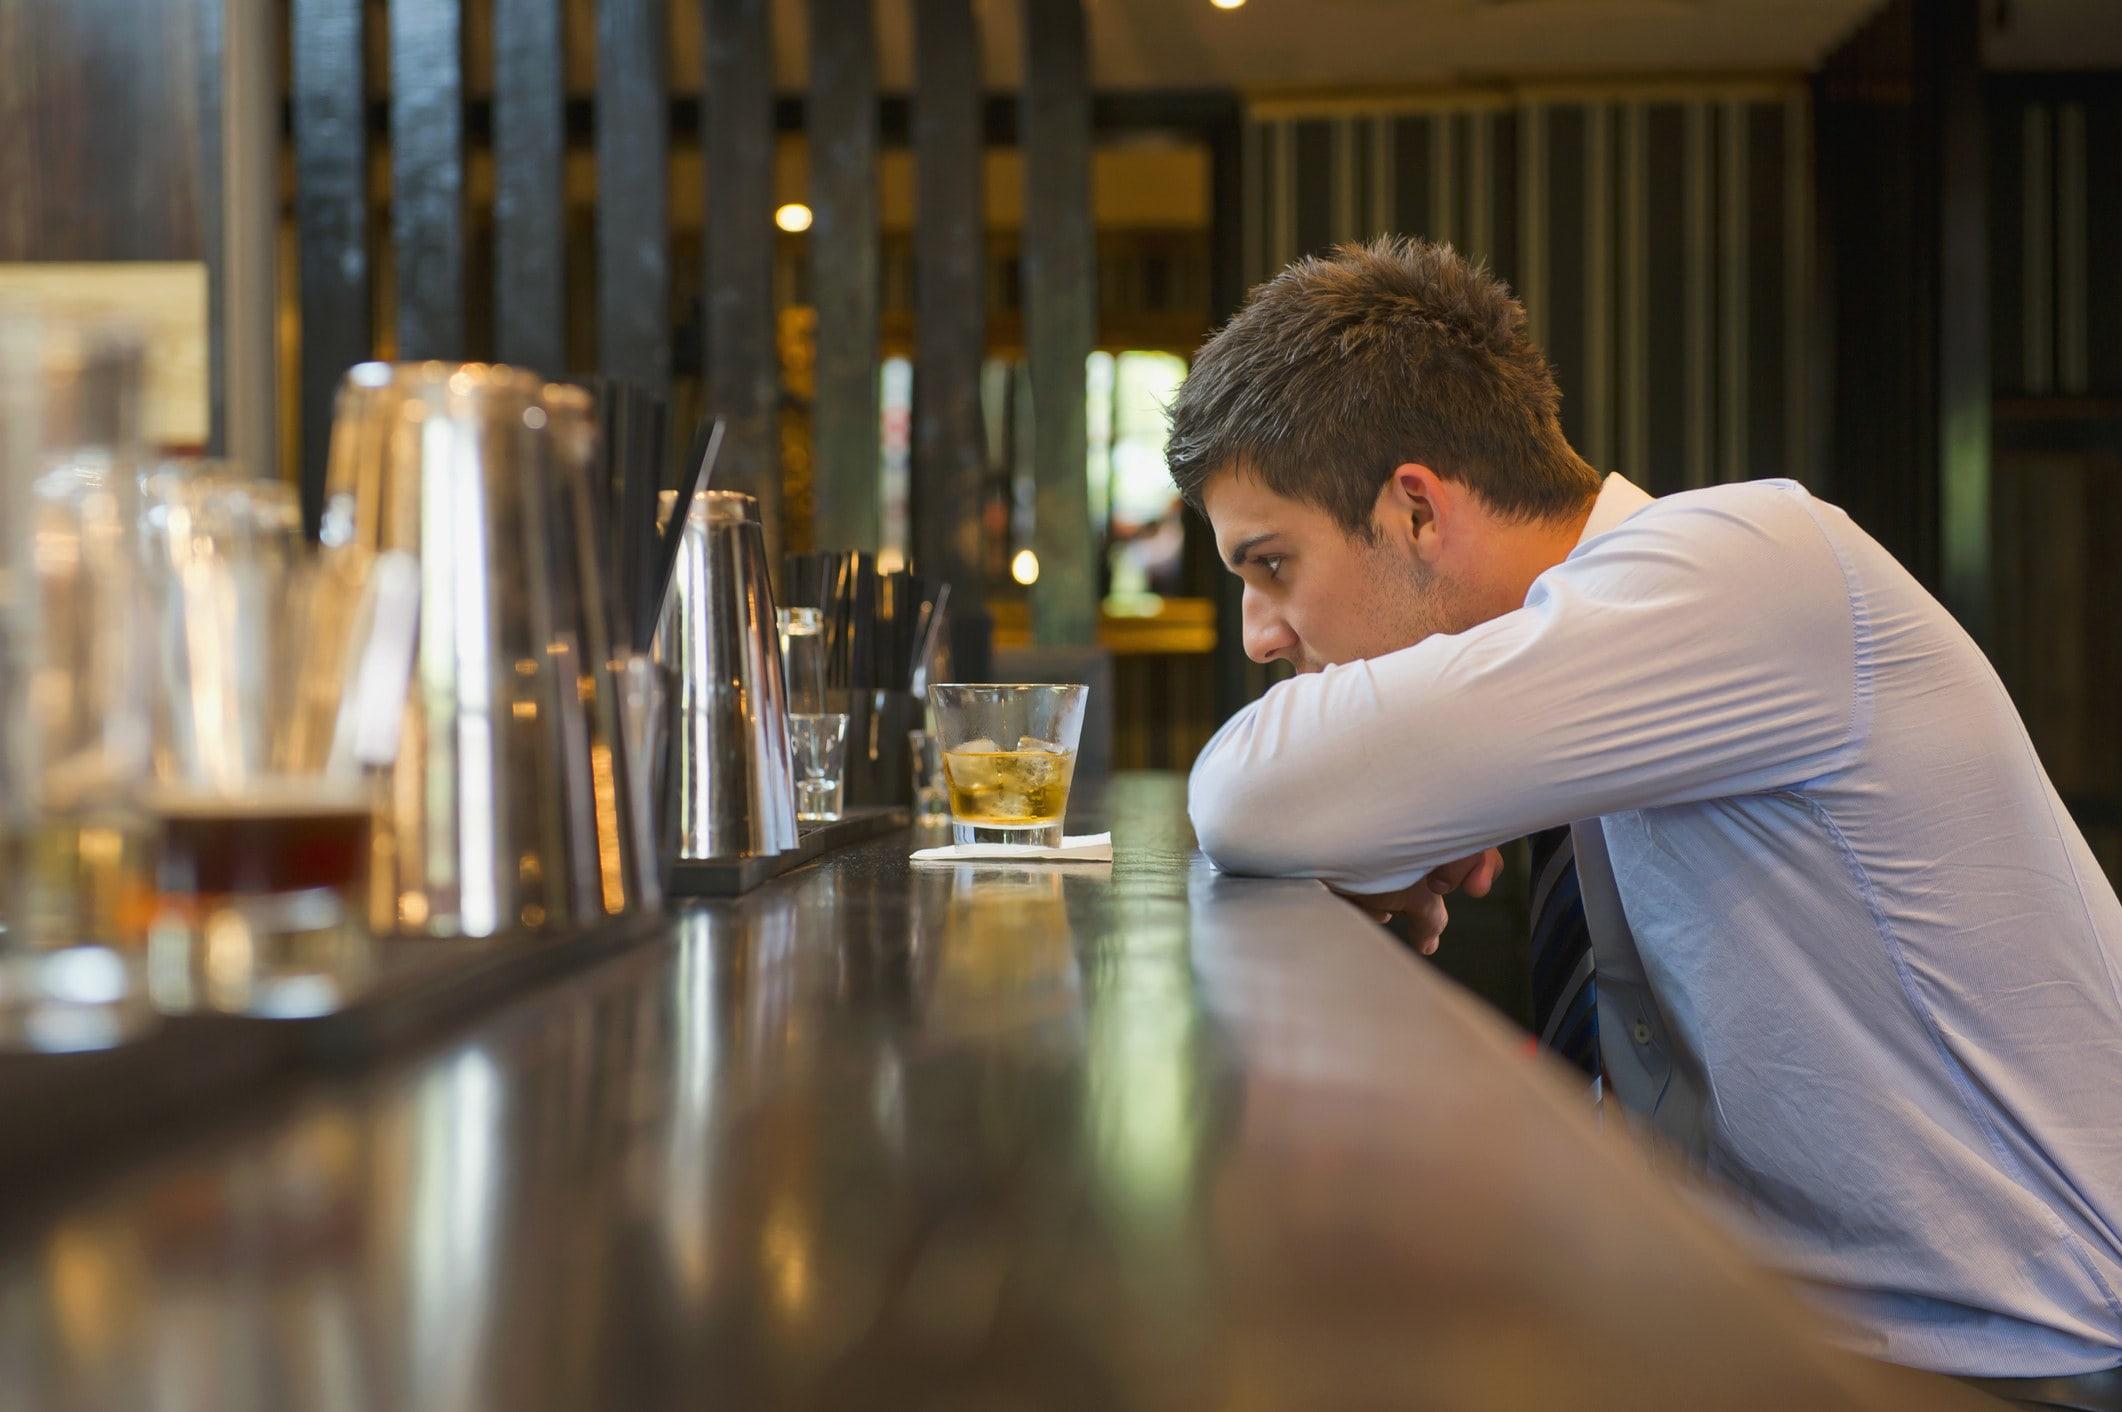 A man alone at a bar